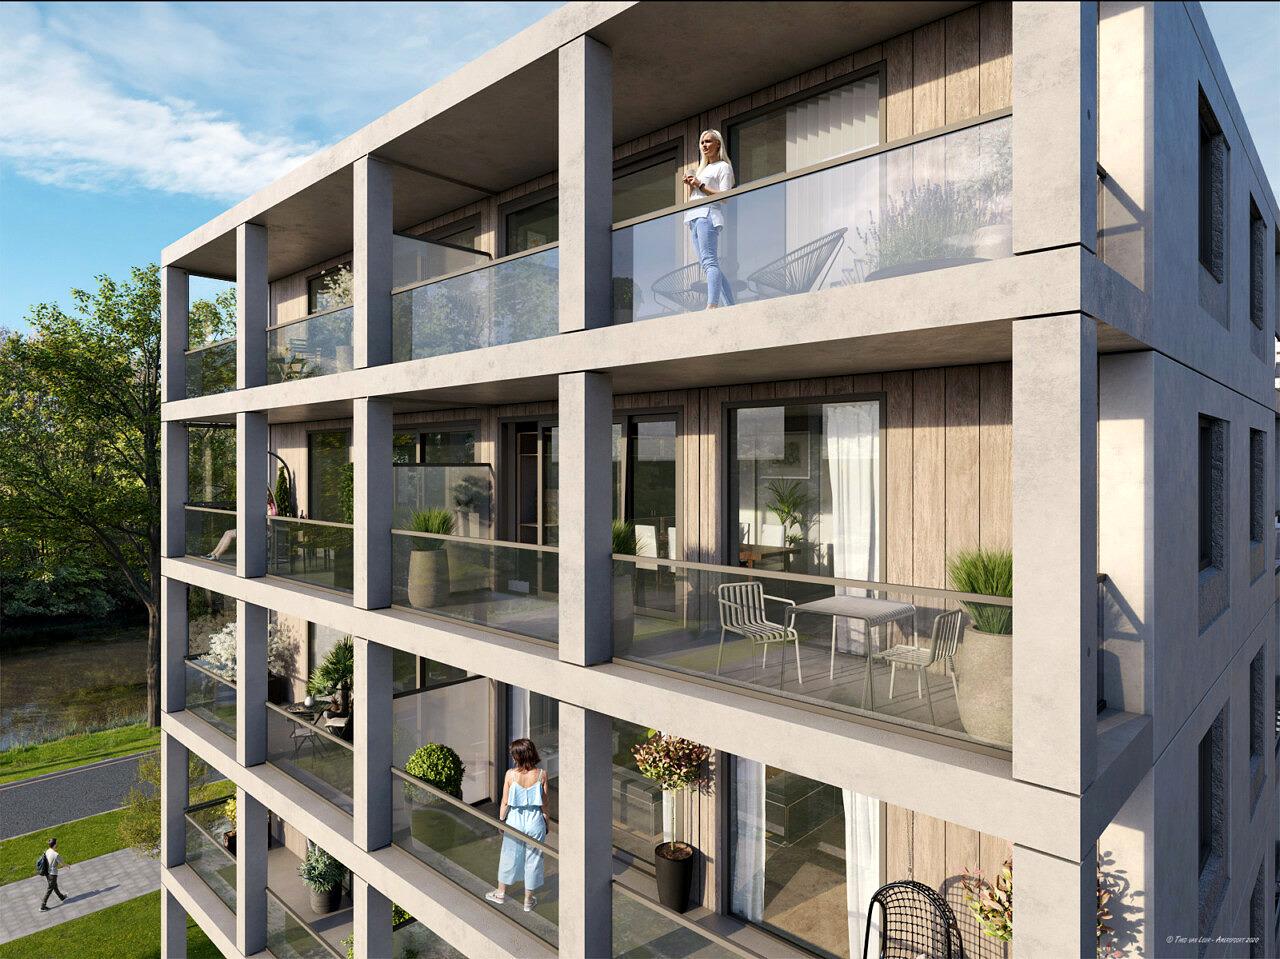 De Lichtpen nieuwbouw appartementen De Hoef Amersfoort bpd Zeep architecten